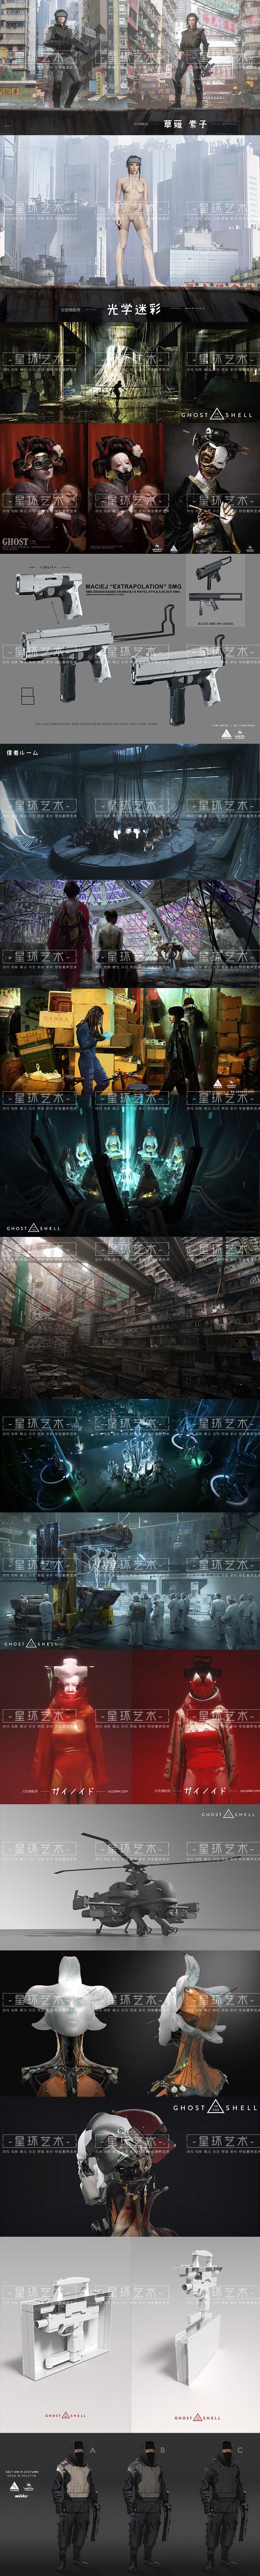 攻壳机动队电影版 概念设定 场景人物 原画 CG素材 超高清资料图集下载